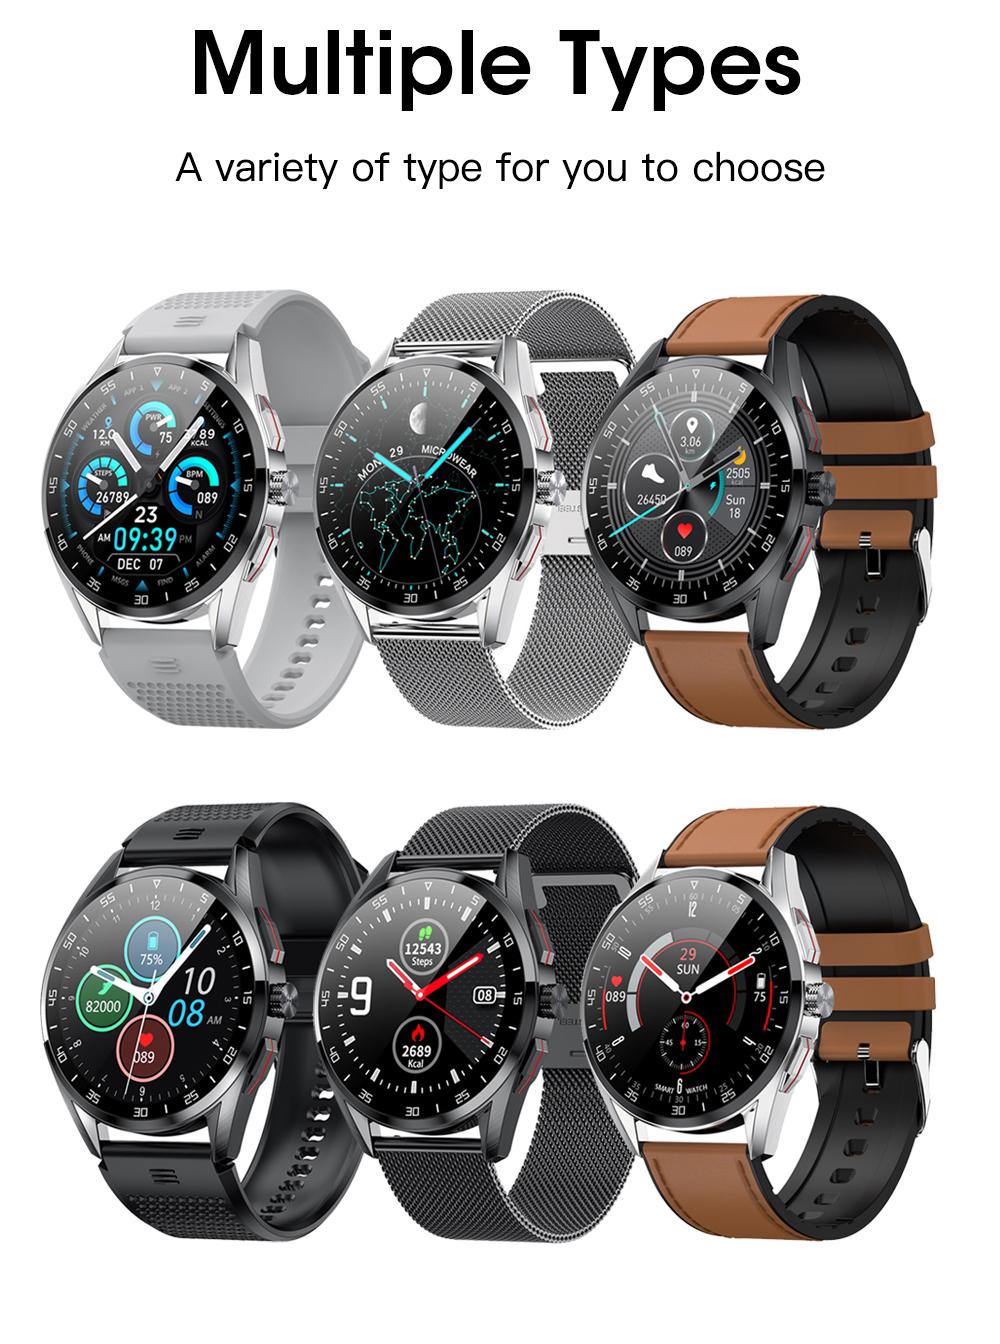 M3 Smart Watch Description-19